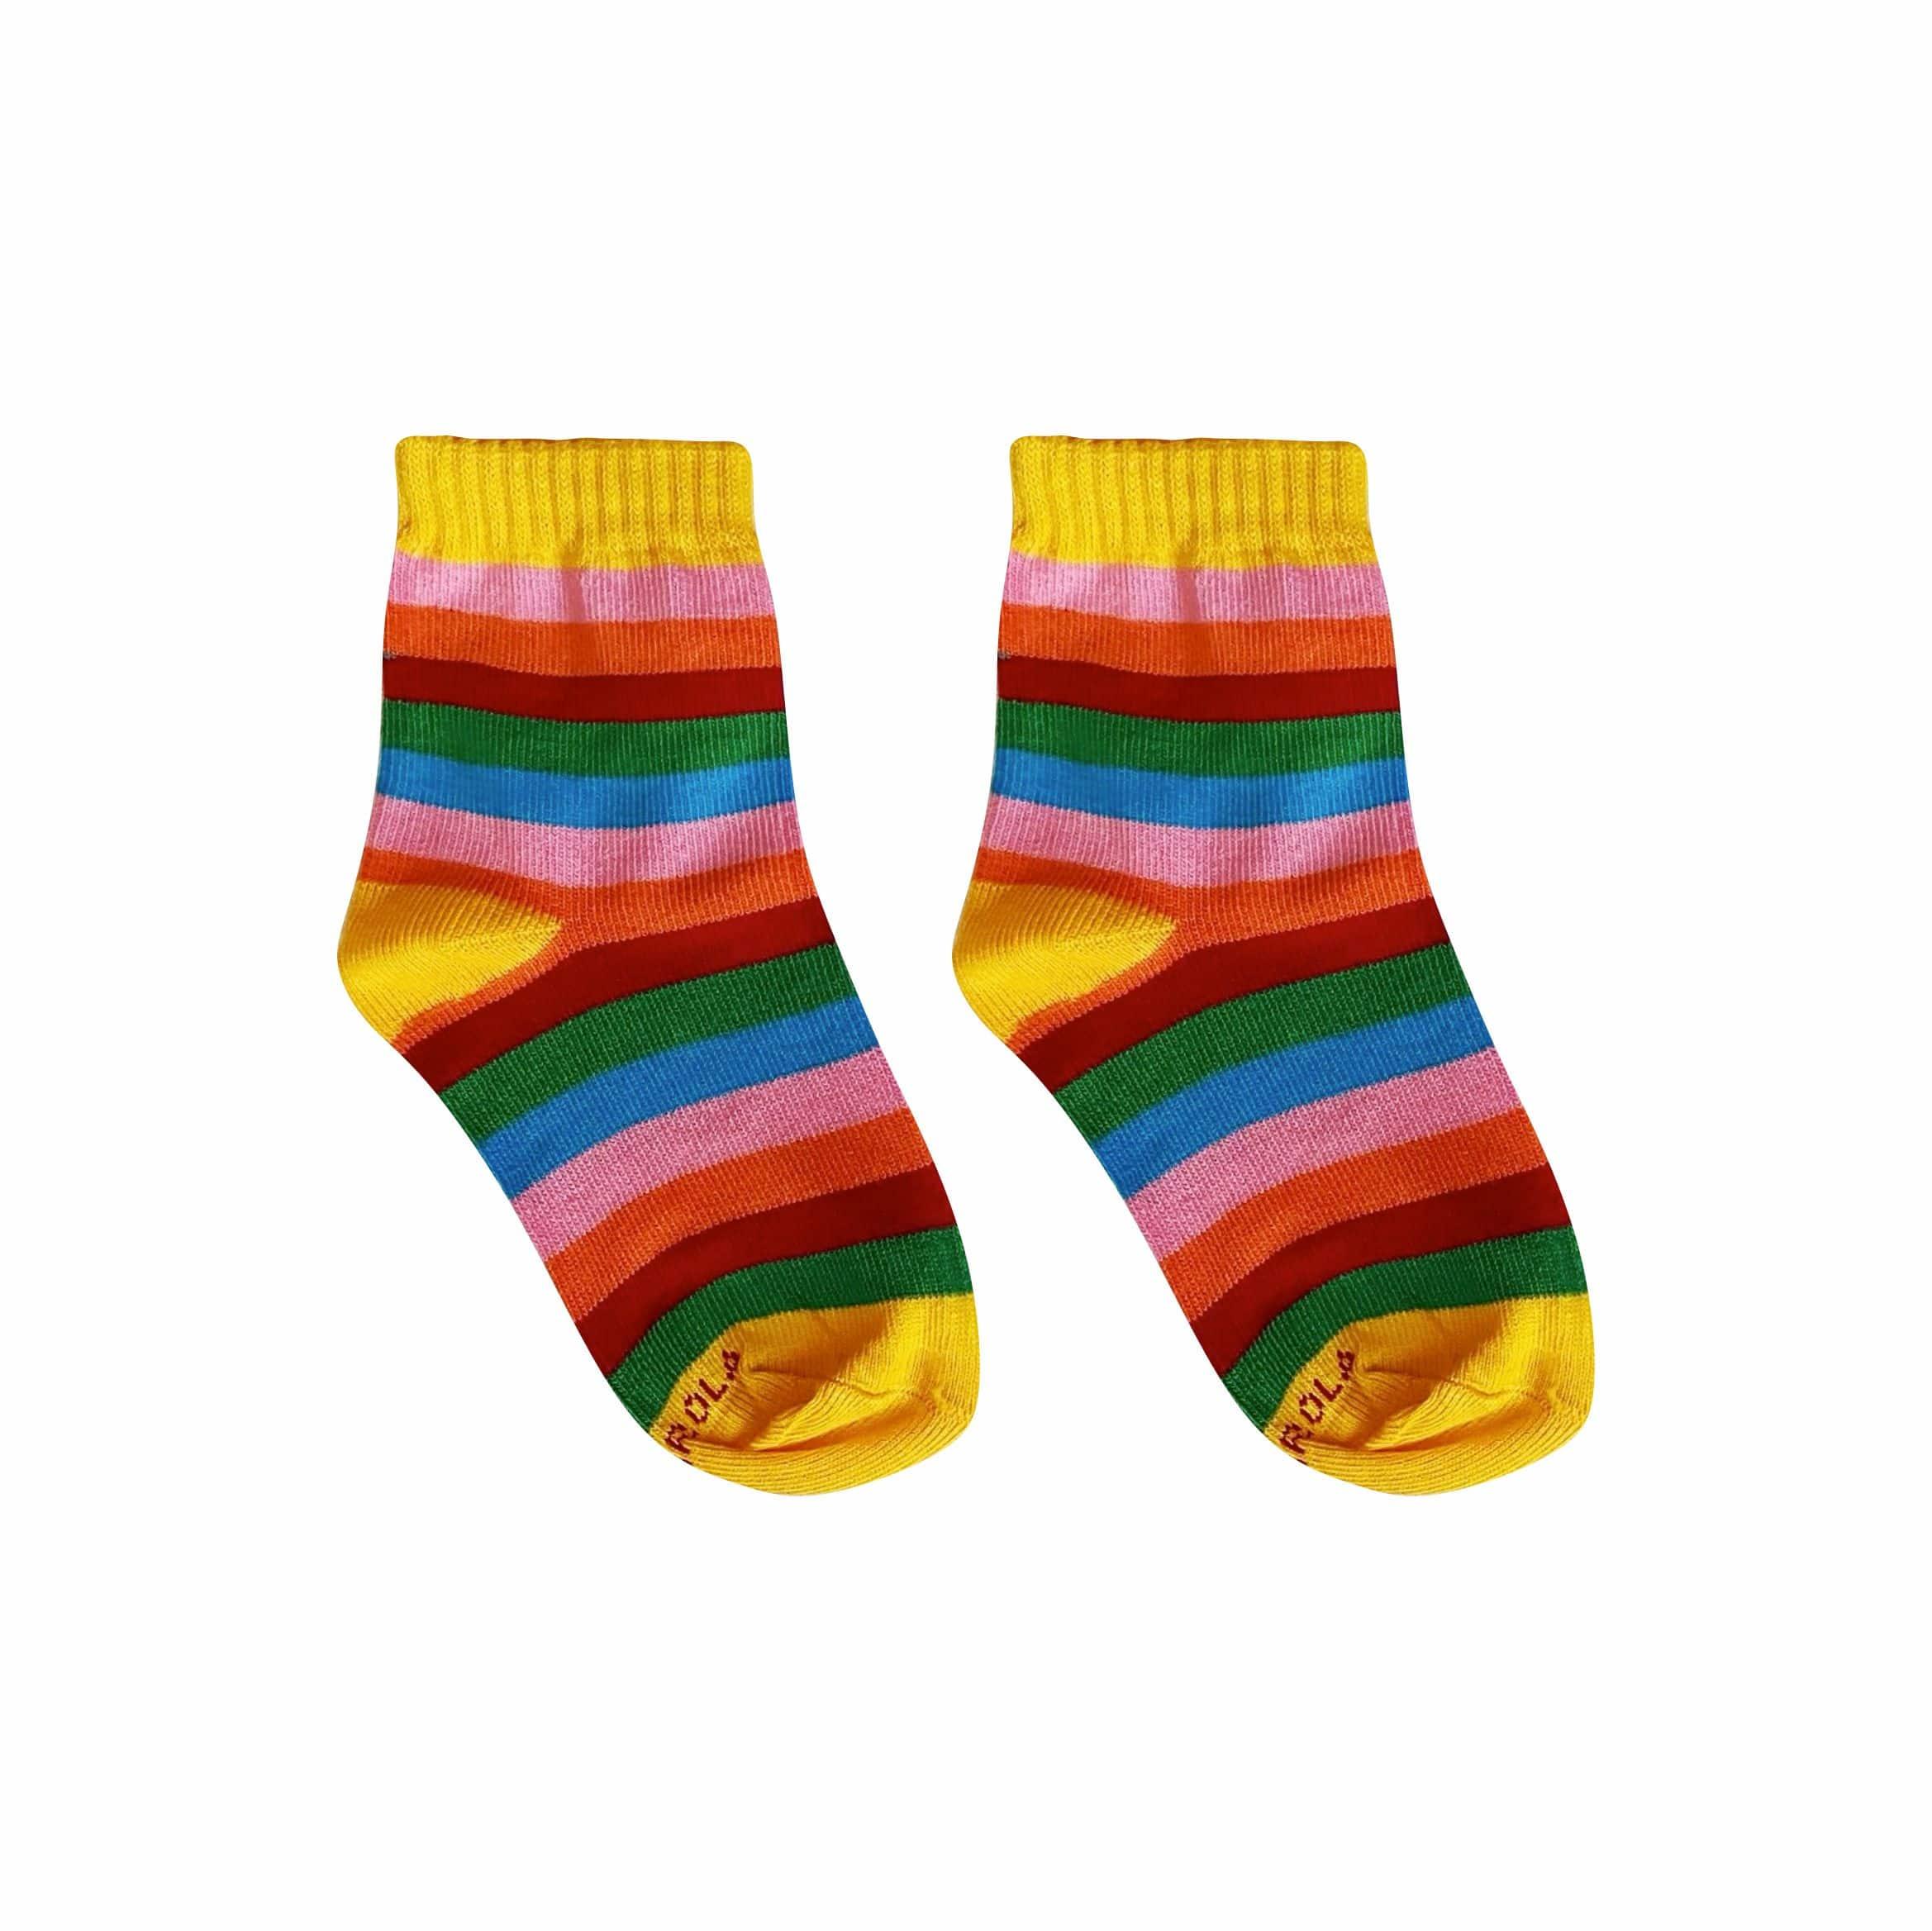 meia-soquete-arco-iris-retro-tam-17-ao-20-cantarola